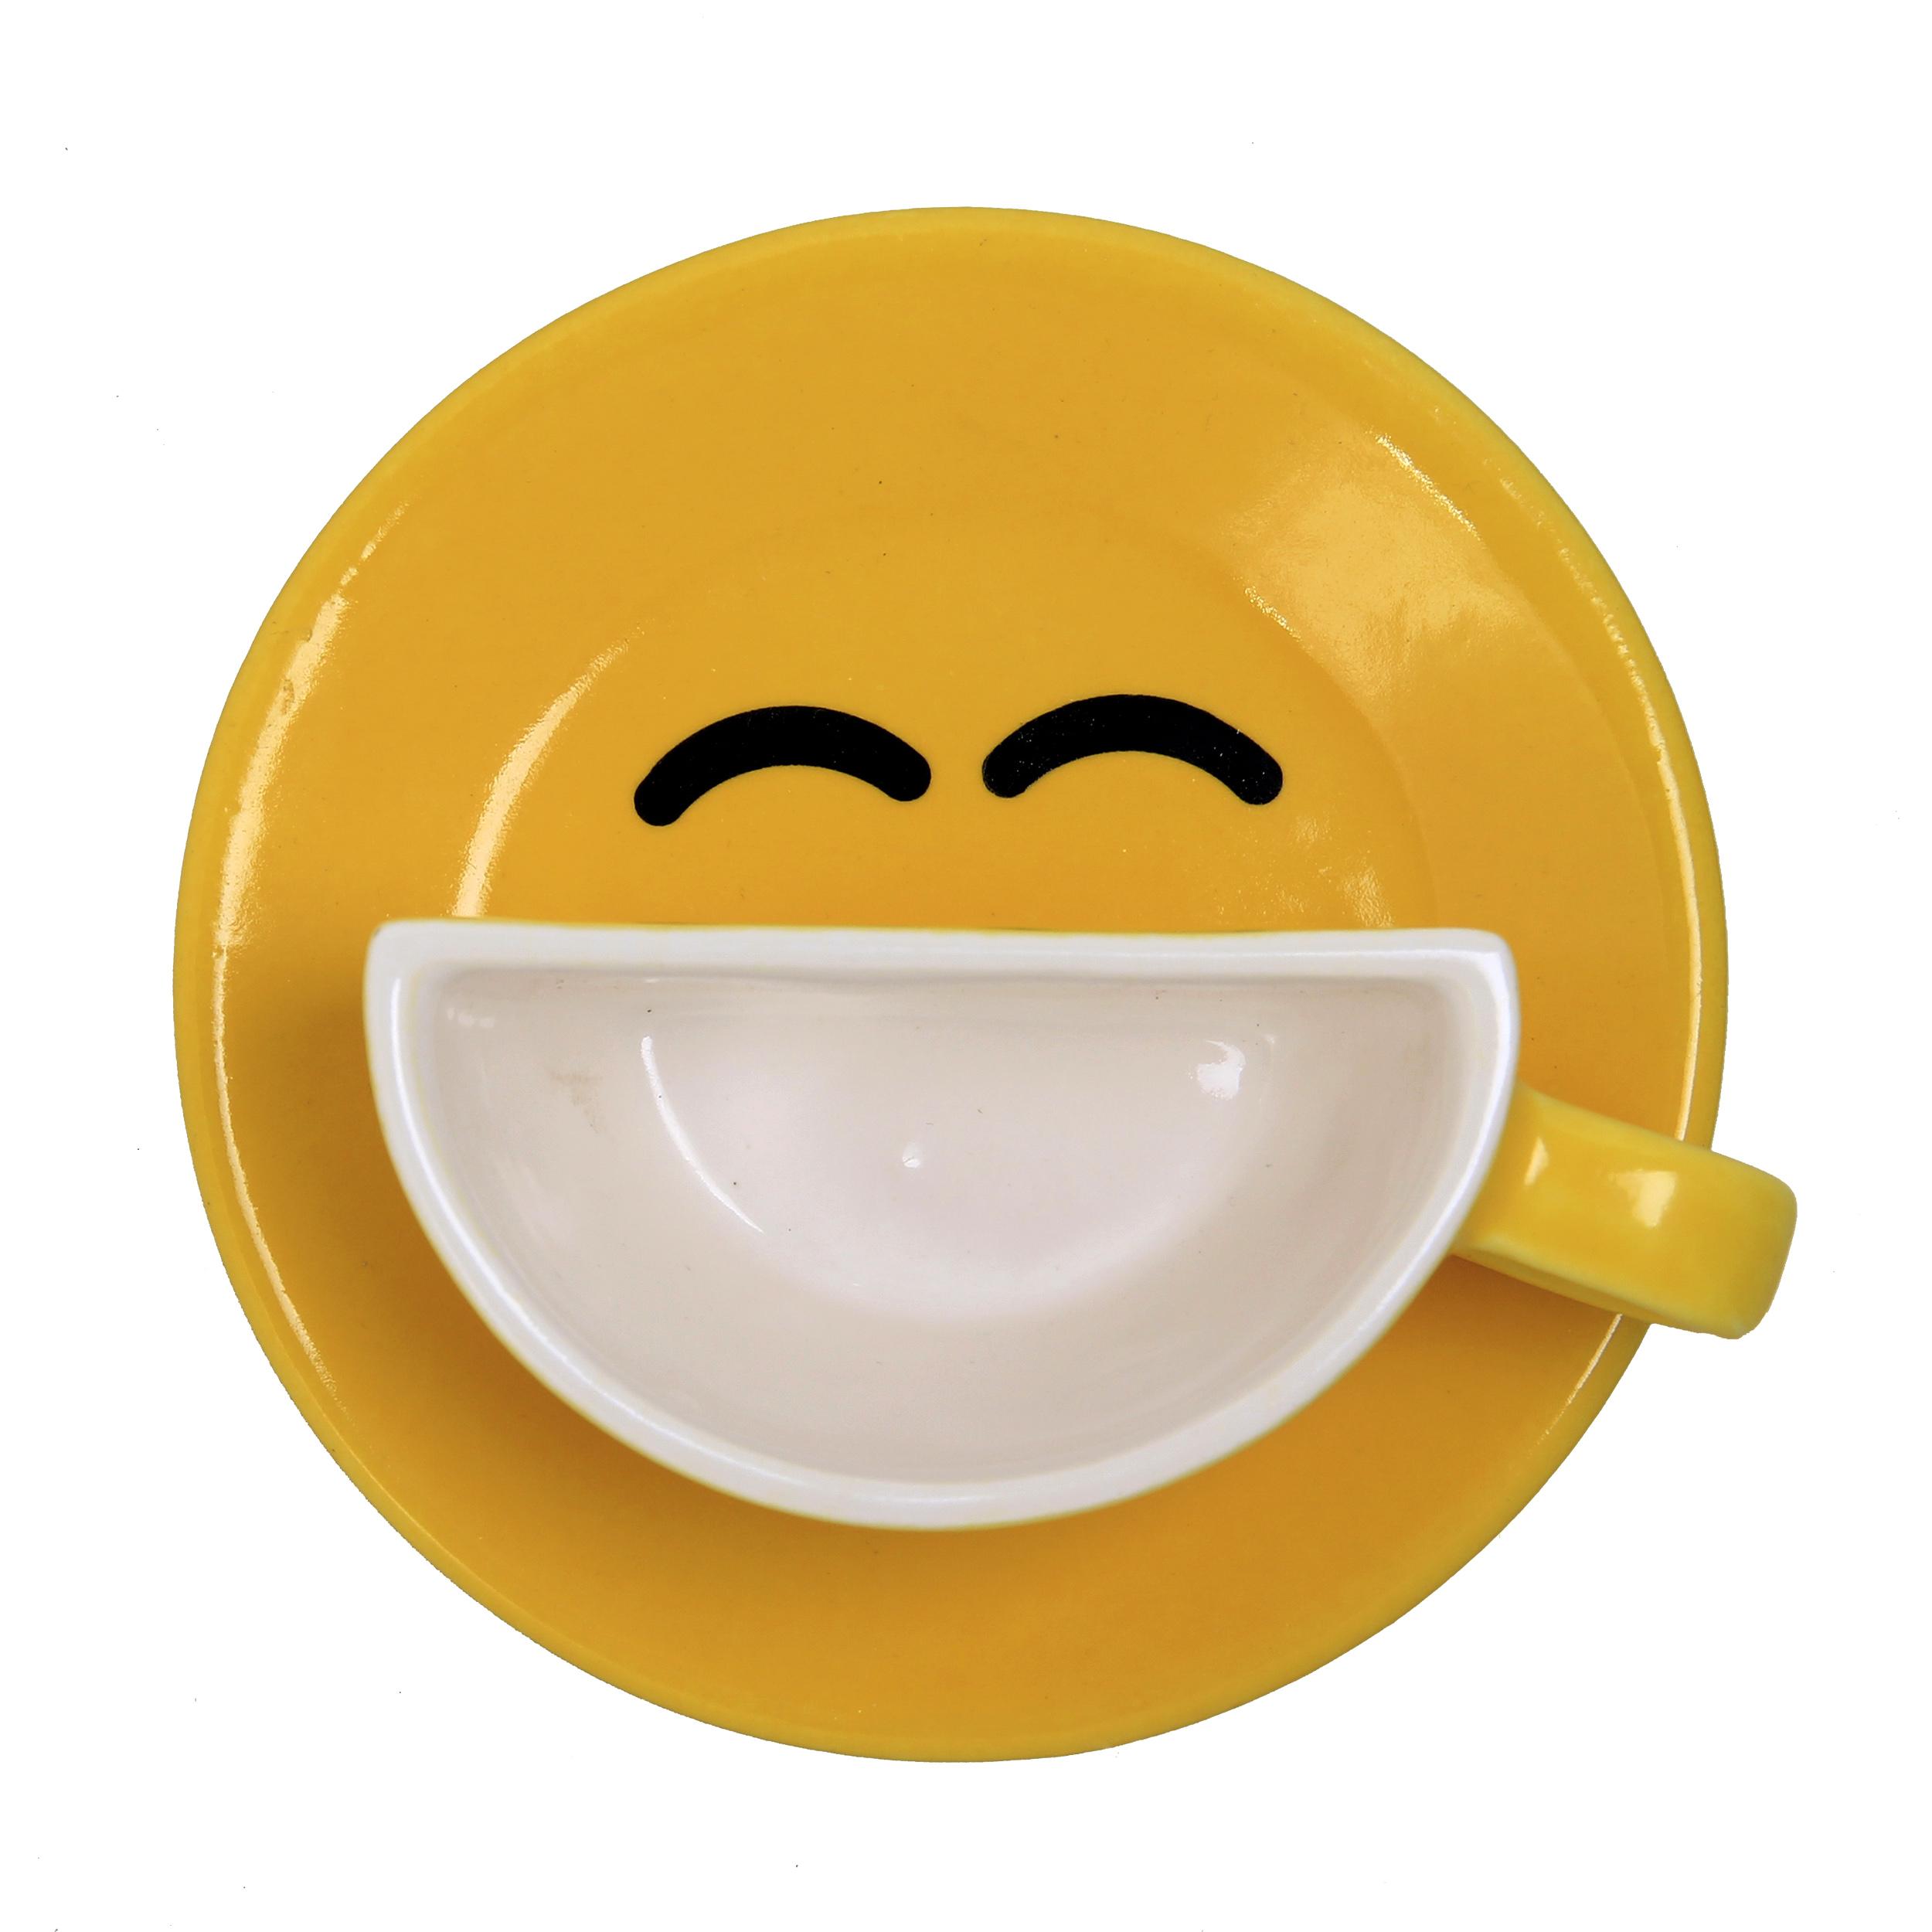 عکس فنجان و نعلبکی طرح لبخند مدل Y01